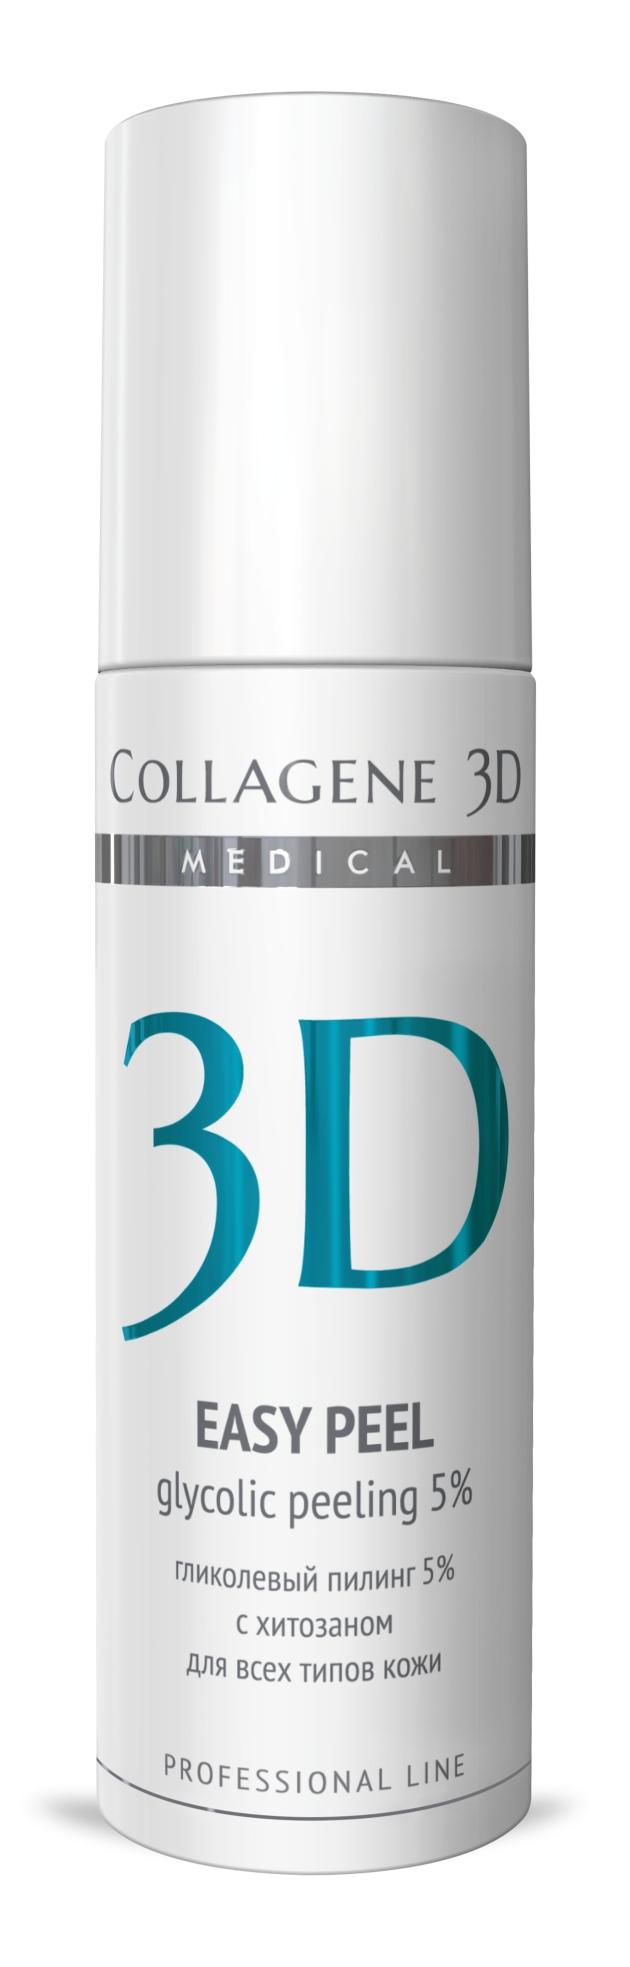 MEDICAL COLLAGENE 3D Гель-пилинг с хитозаном на основе гликолевой кислоты 5% (pH 3,2) Easy Peel 130мл проф.